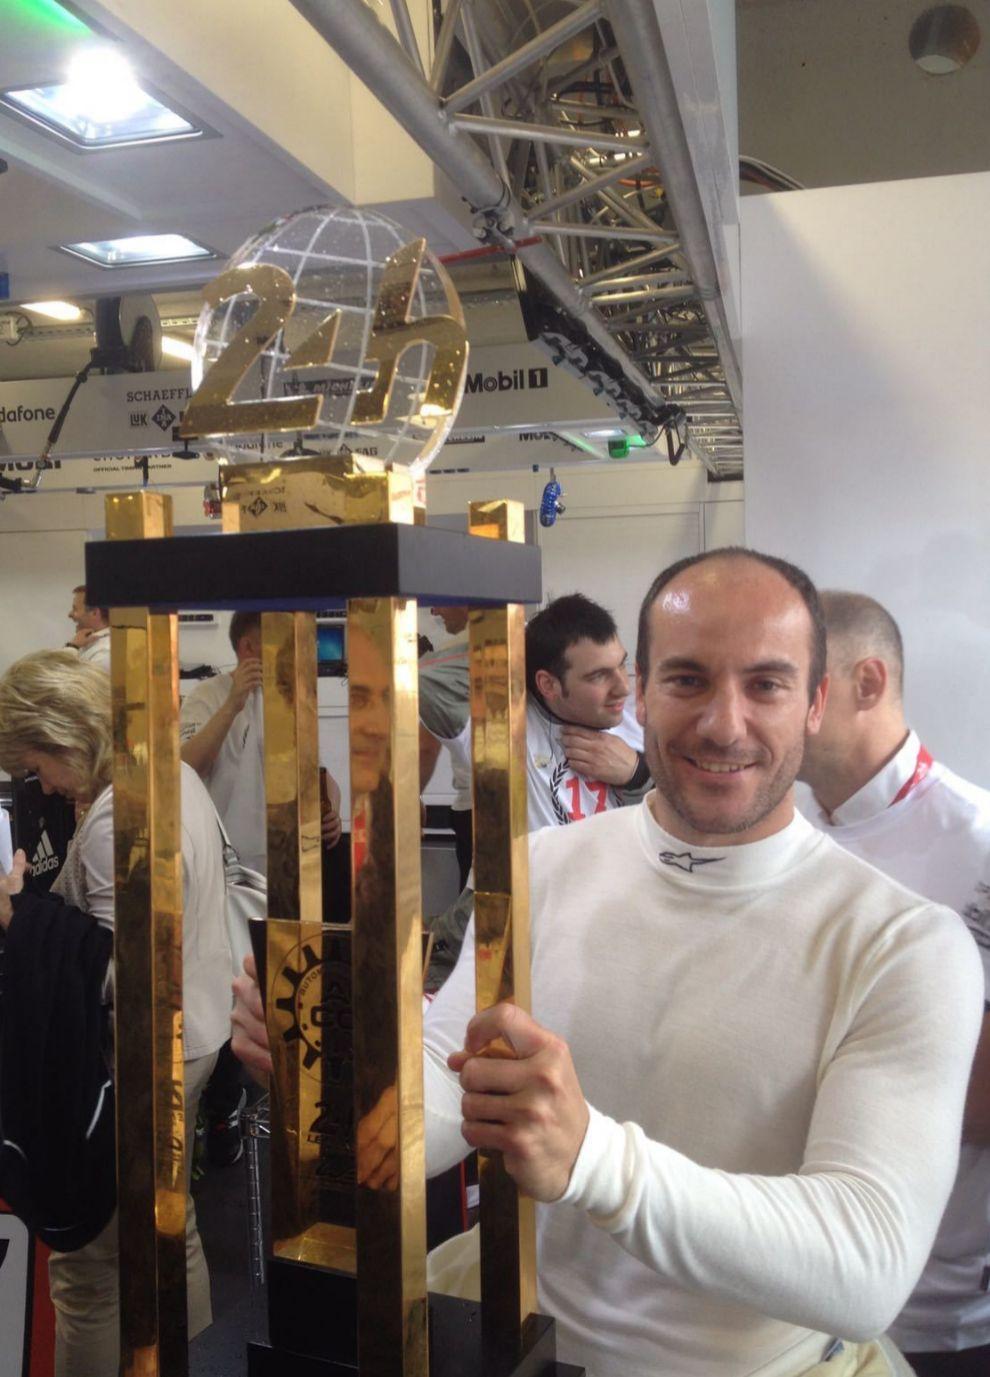 Con el trofeo de las 24 Horas de Le Mans